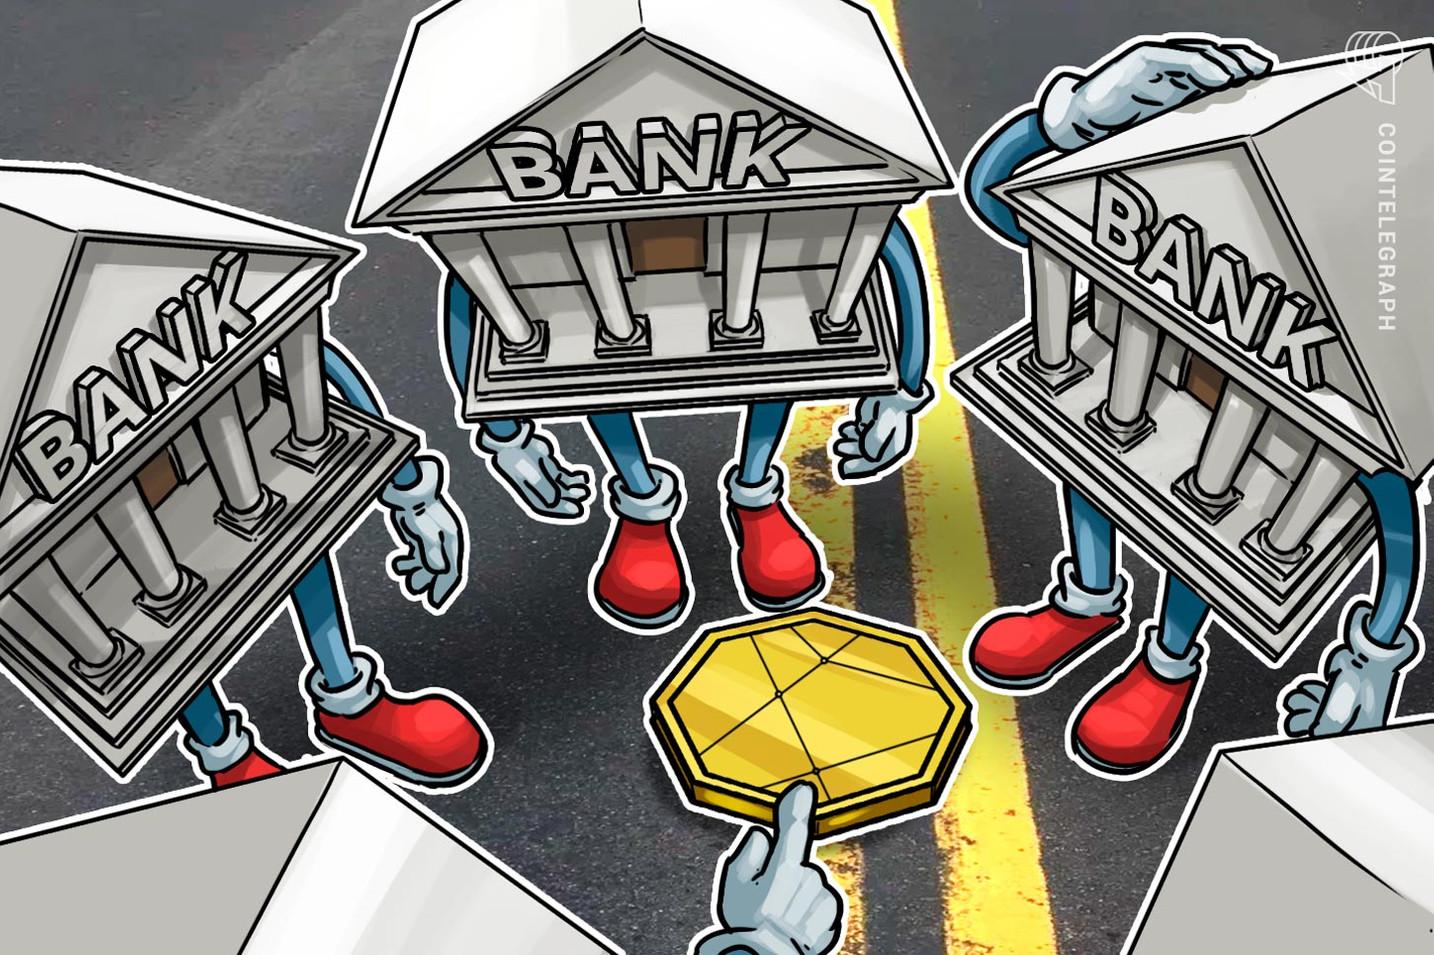 هيئة الرقابة المالية الاتحادية الألمانية تزور بنك جورجيا الوطني لمناقشة قوانين العملات الرقمية